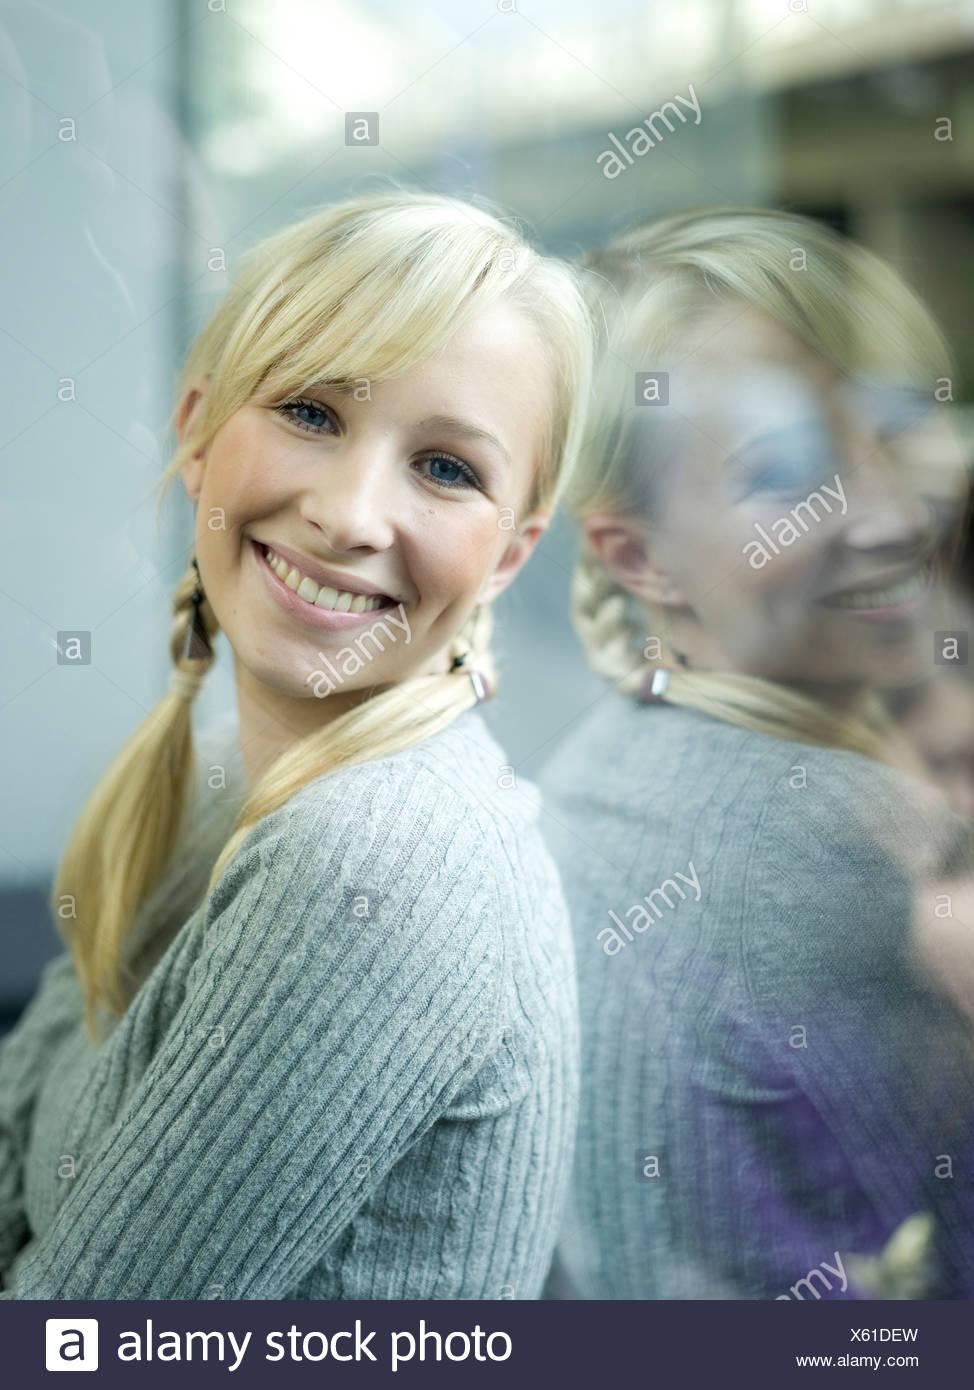 Jeune femme, portrait, les bras croisés Photo Stock